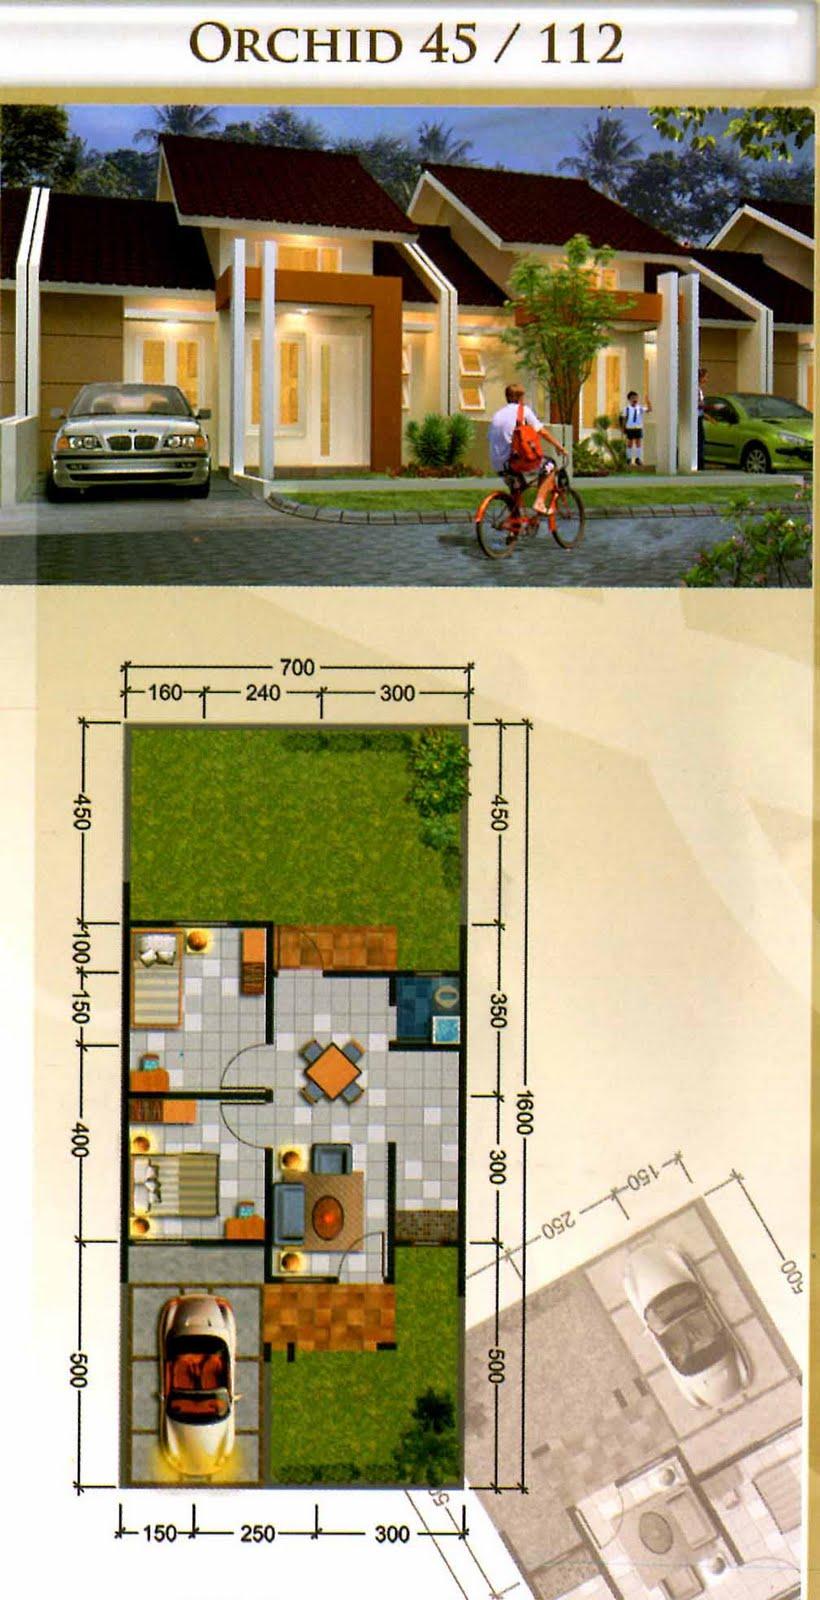 Aneka ide Desain Rumah Minimalis Type 45 Terbaru 2015 yang inspiratif